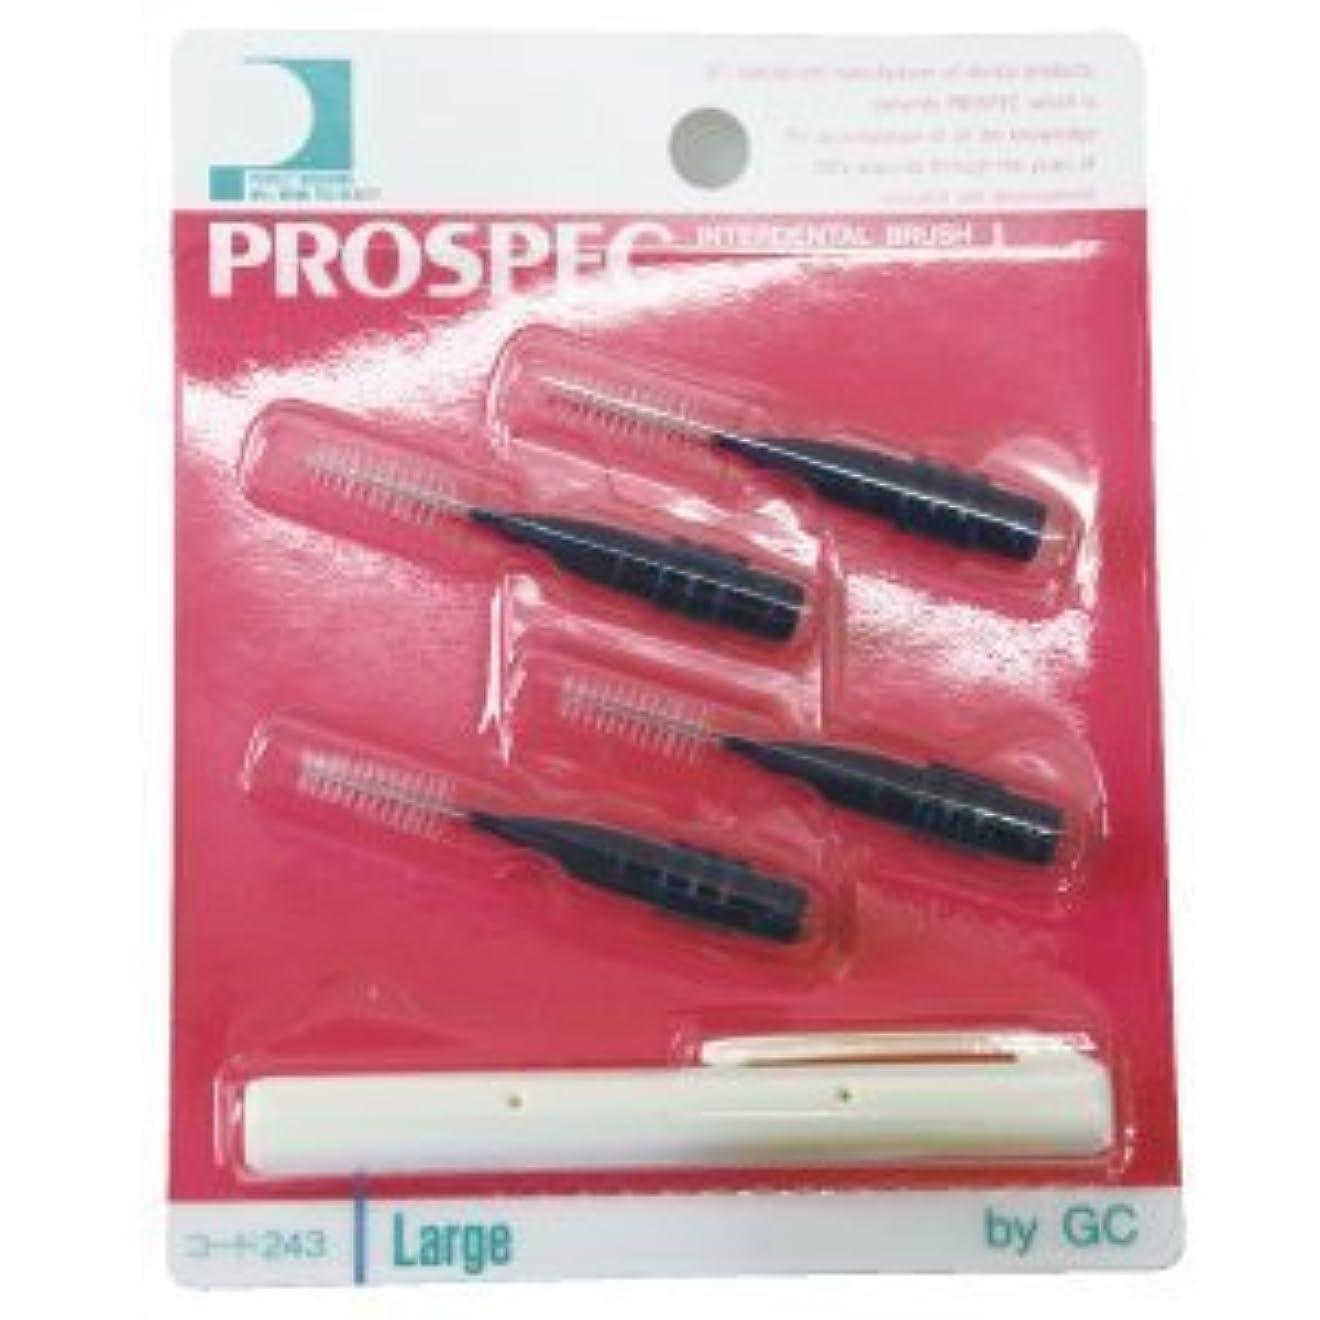 お祝い影響力のある不器用プロスペック 歯間ブラシII/L/1パック(4本入り)